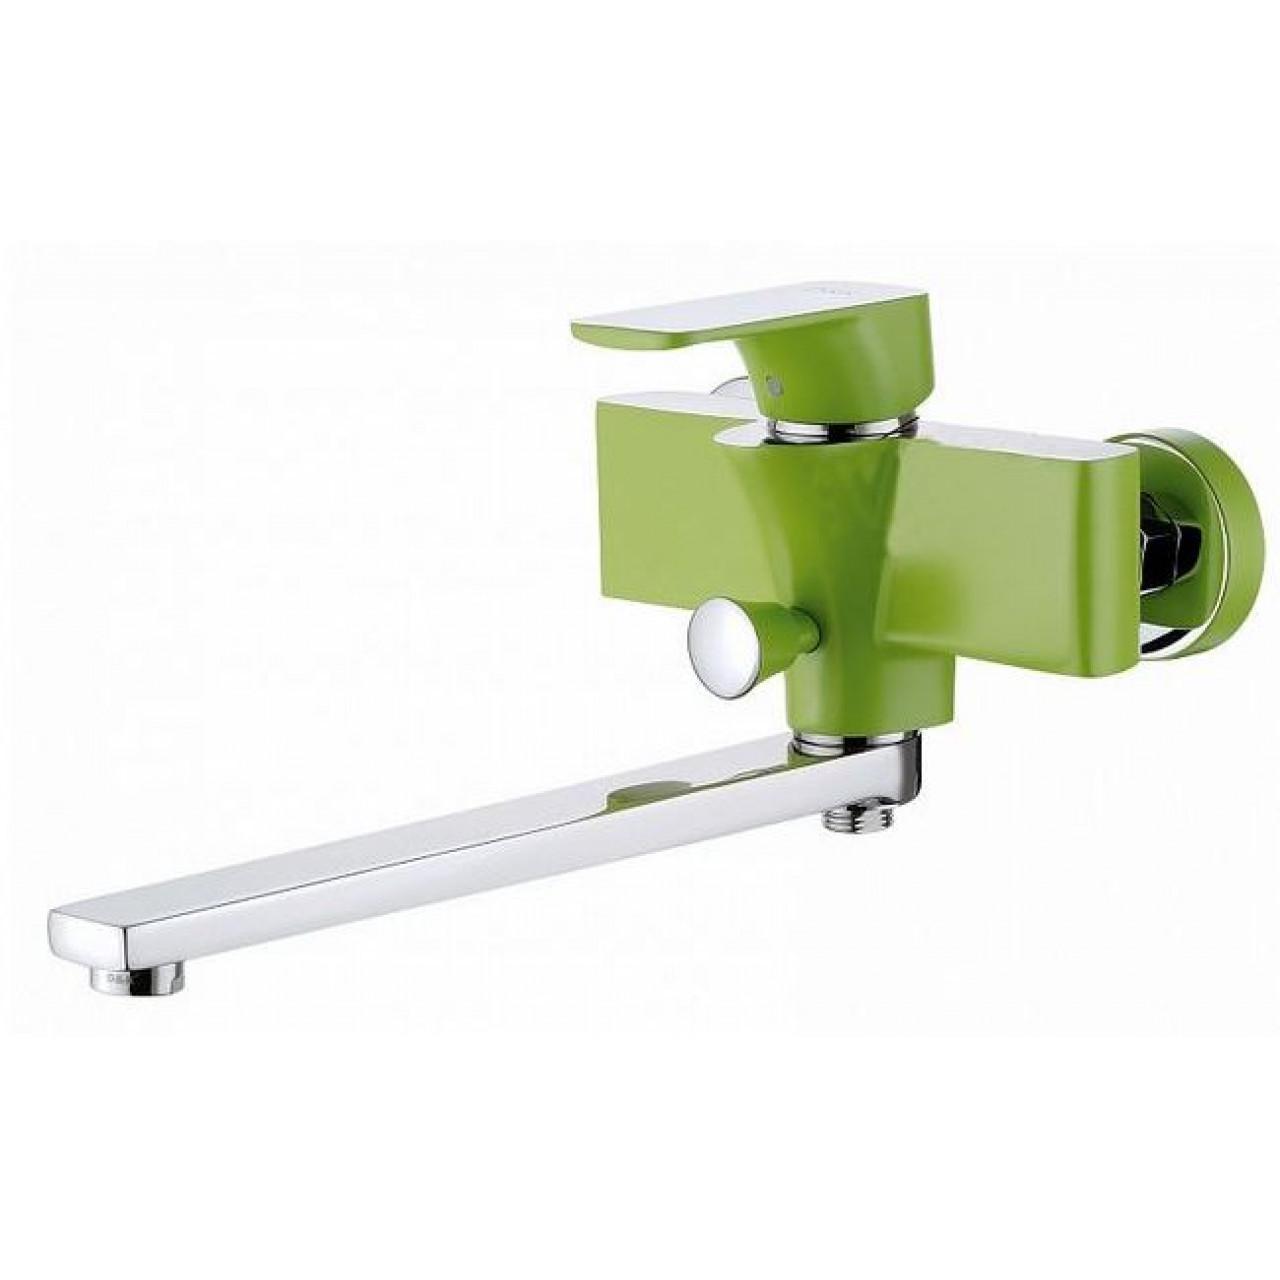 Смеситель D&K Berlin Freie DA1433312 универсальный зеленый купить в Москве по цене от 9292р. в интернет-магазине mebel-v-vannu.ru